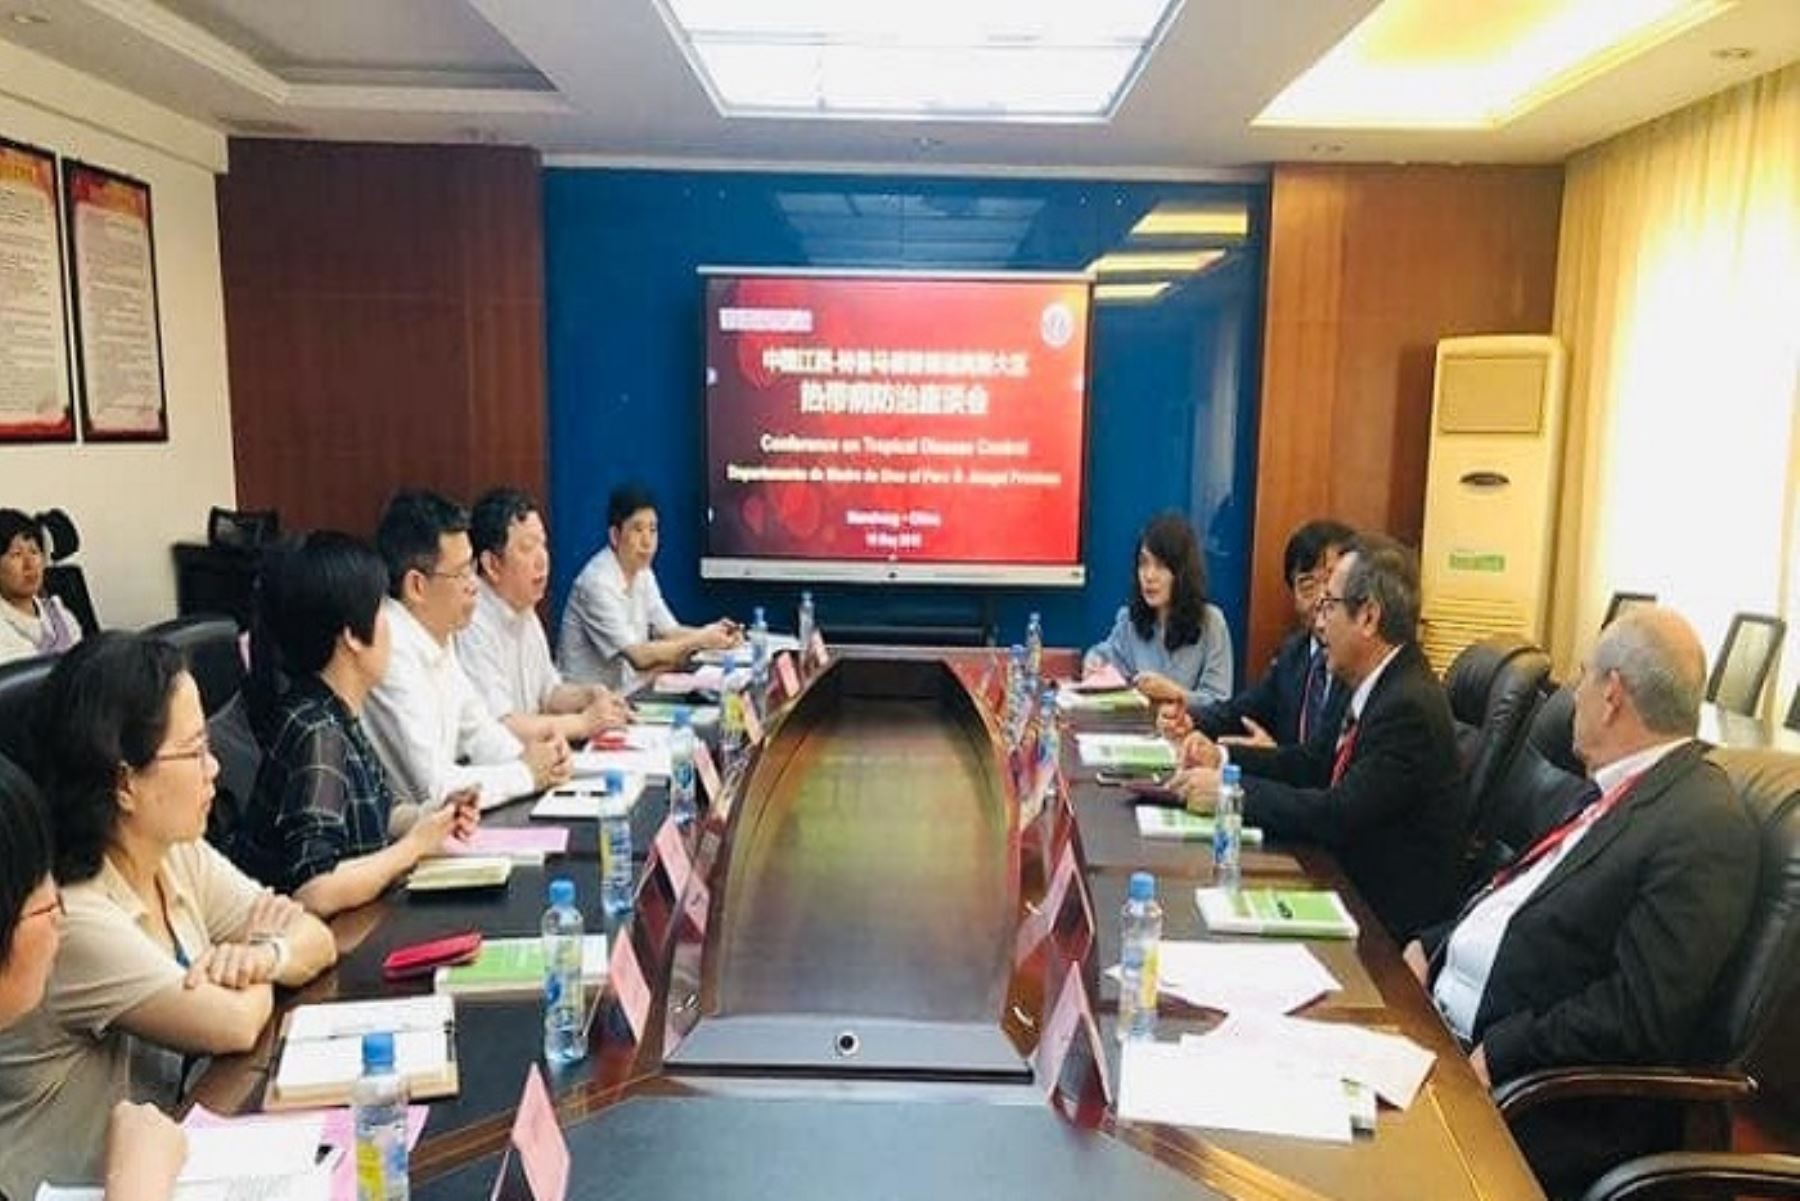 El gobernador regional de Madre de Dios, Luis Hidalgo Okimura, participa en la importante Expo Central China 2019, donde viene gestionando apoyo de las autoridades y empresarios chinos para desarrollar proyectos productivos y sociales.